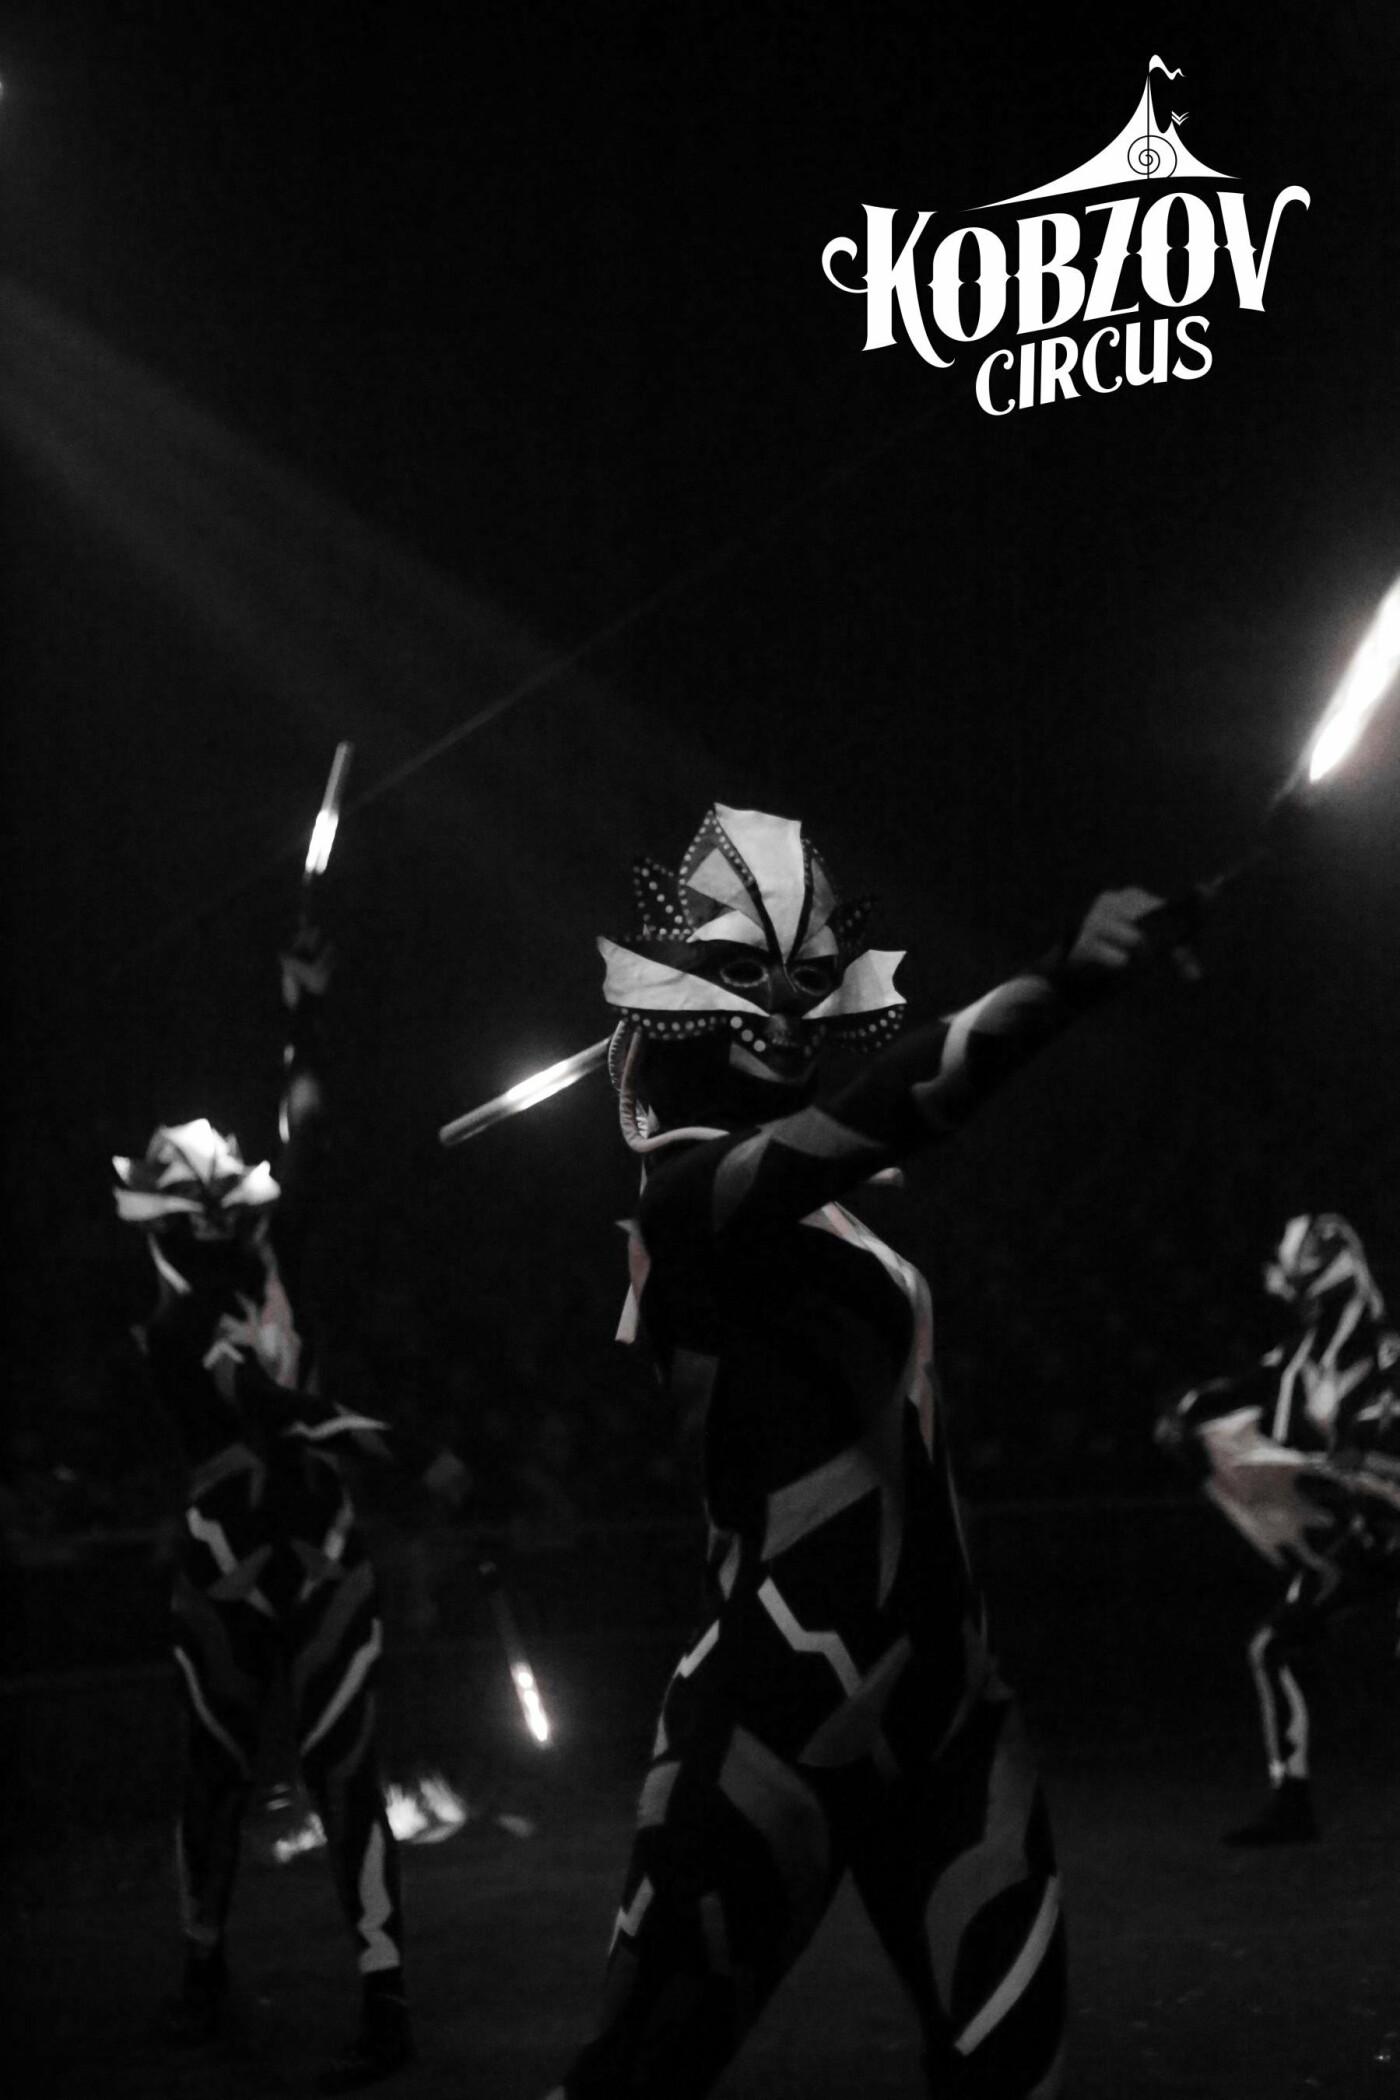 Найбільший цирк України – цирк «Кобзов», готовий дивувати, надихати і приносити радість!, фото-8